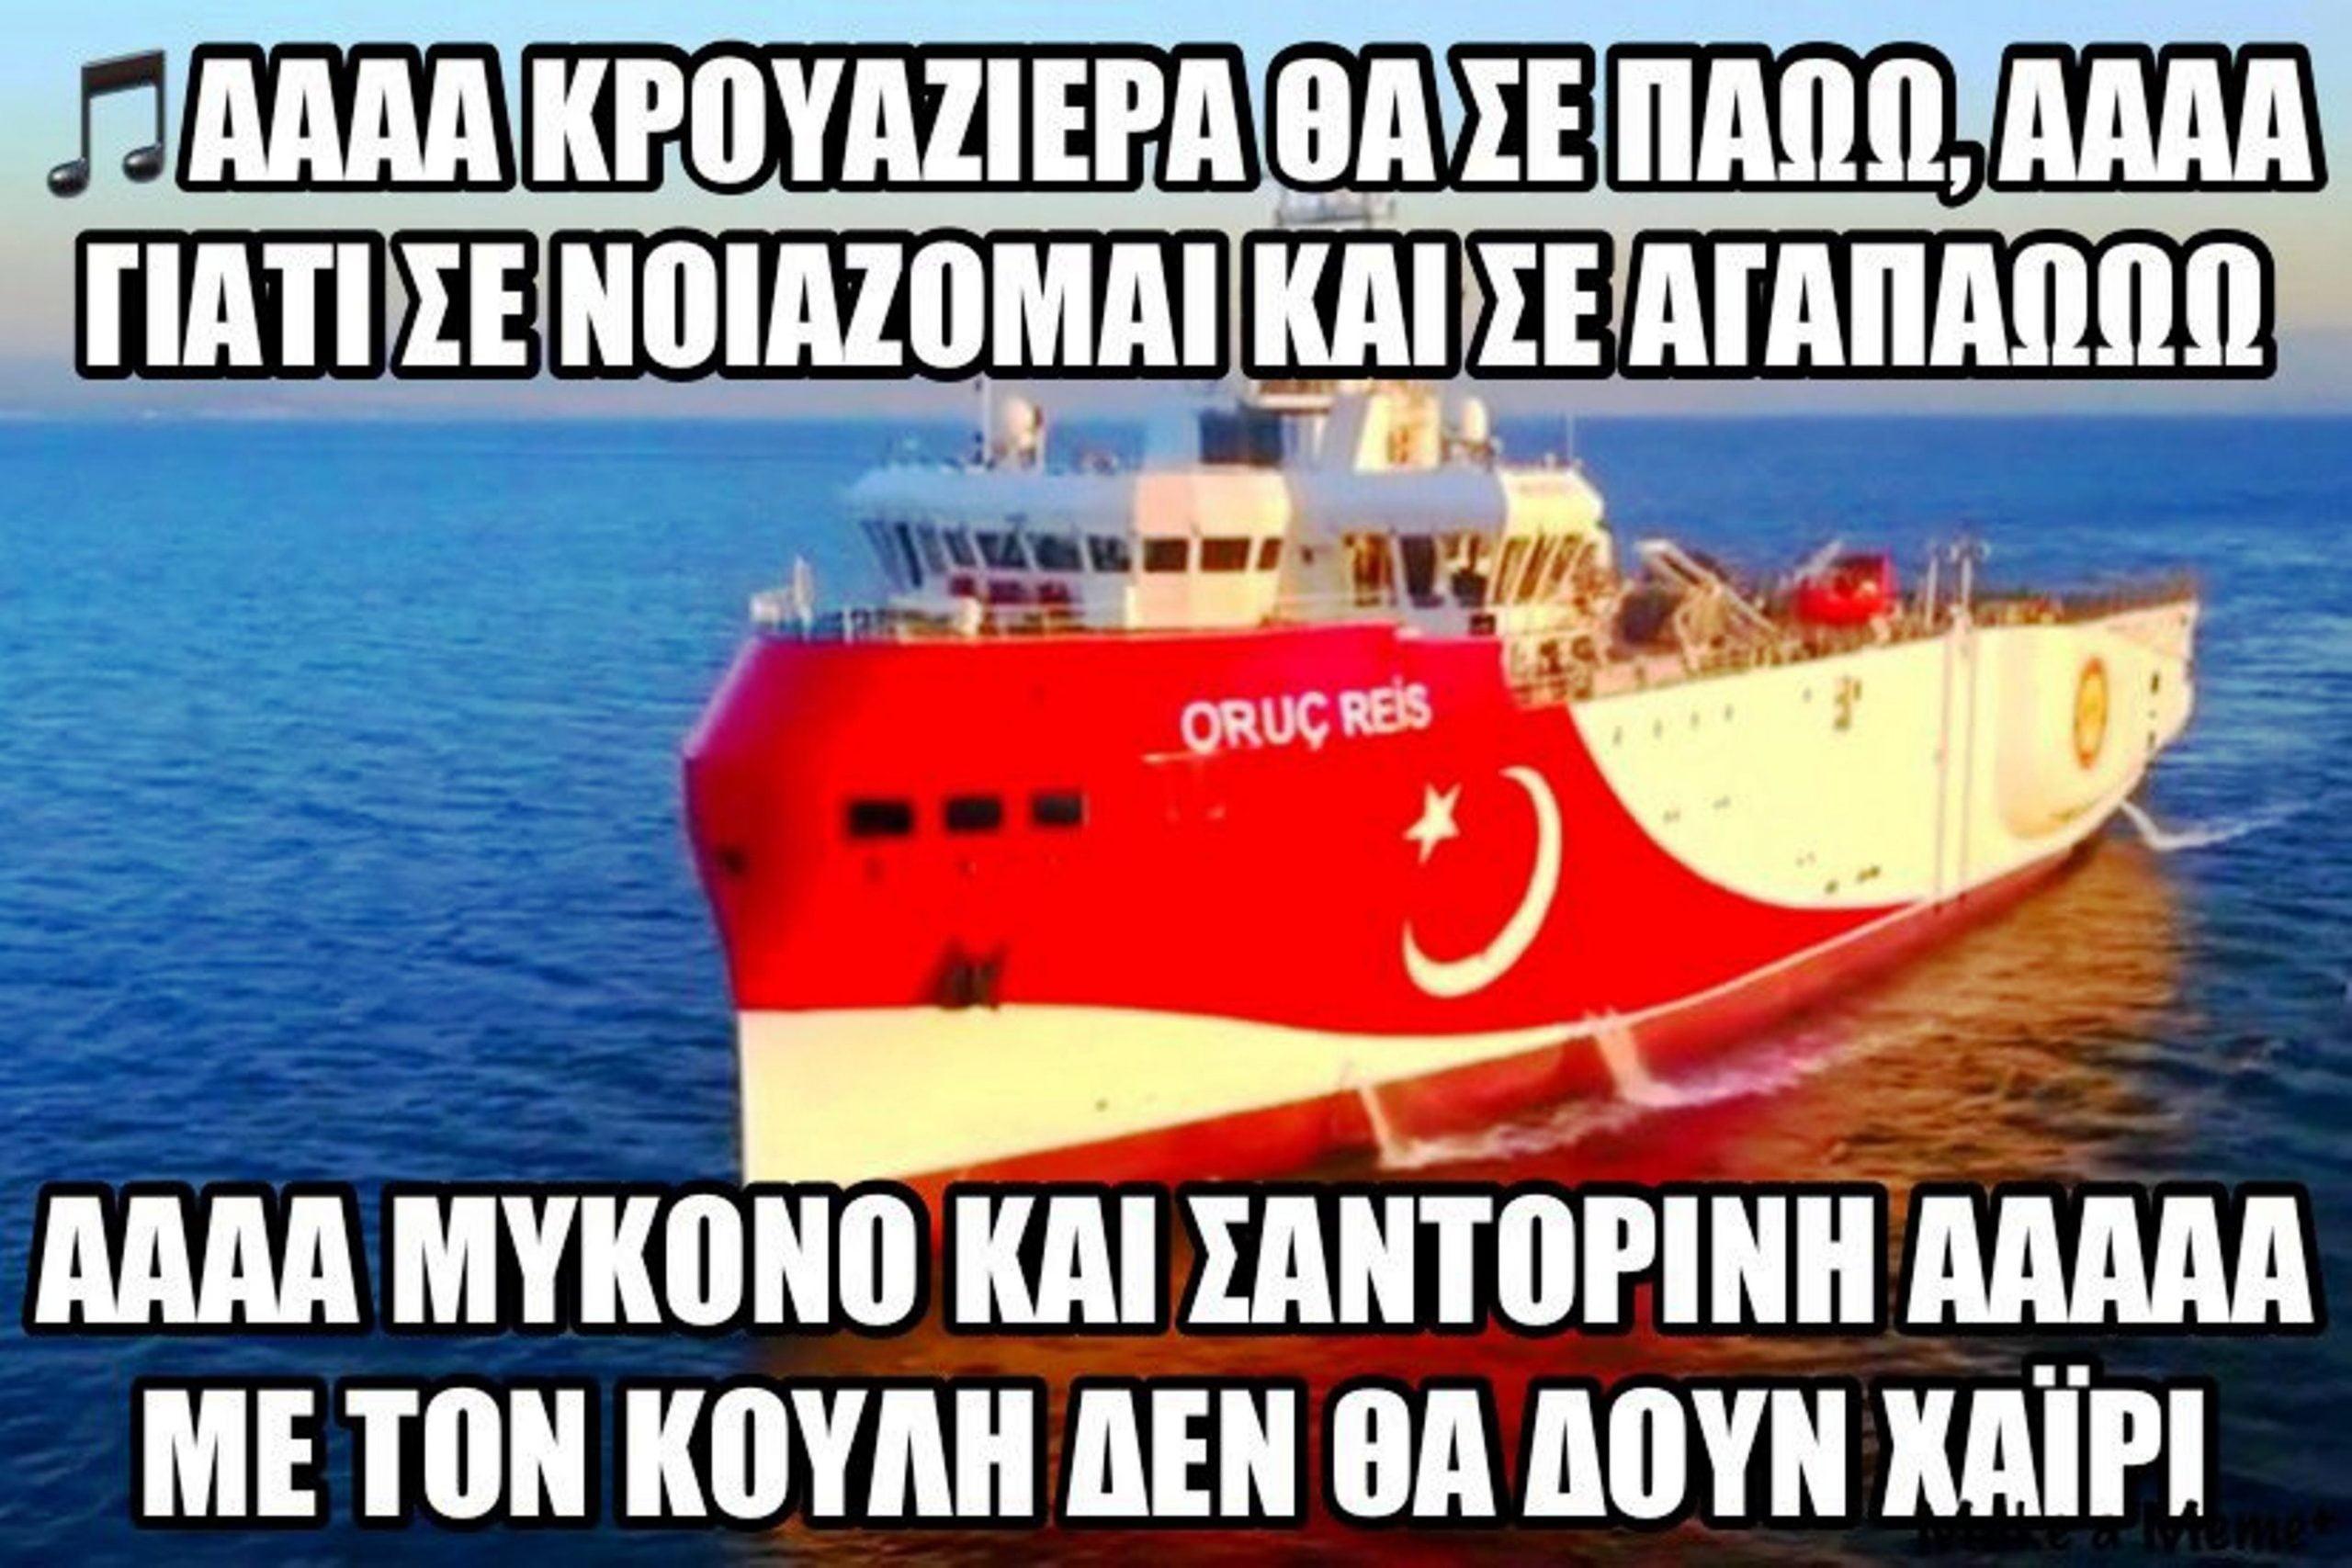 Η τουρκική πρεσβεία στην Ουάσιγκτον αναίρεσε την ανακοίνωση για το Oruc Reis